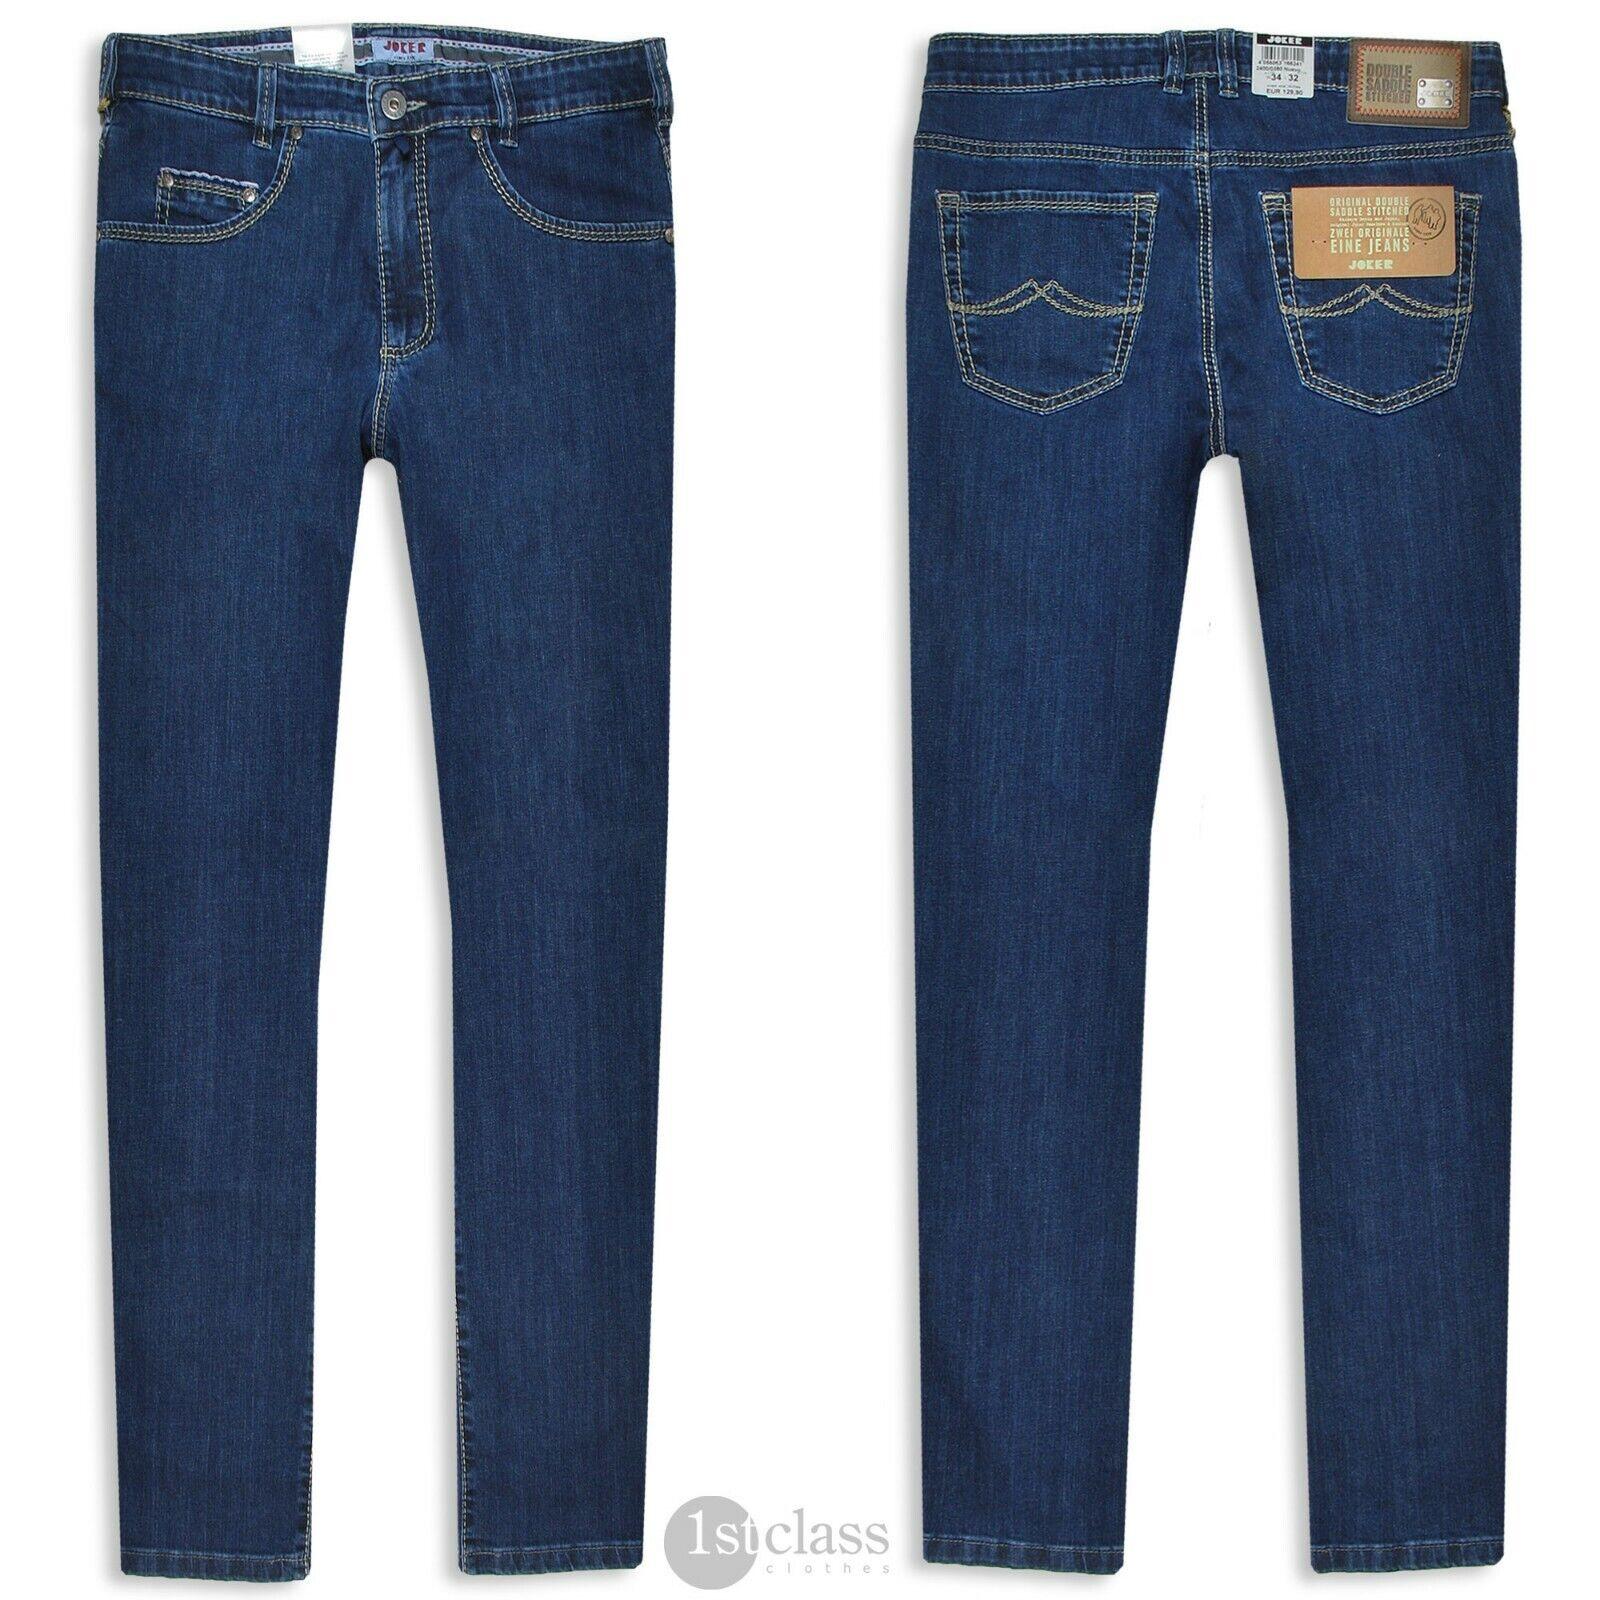 Joker Men's Jeans New (Comfort Tapered) 2400 0380 Navy bluee Kaihara Denim